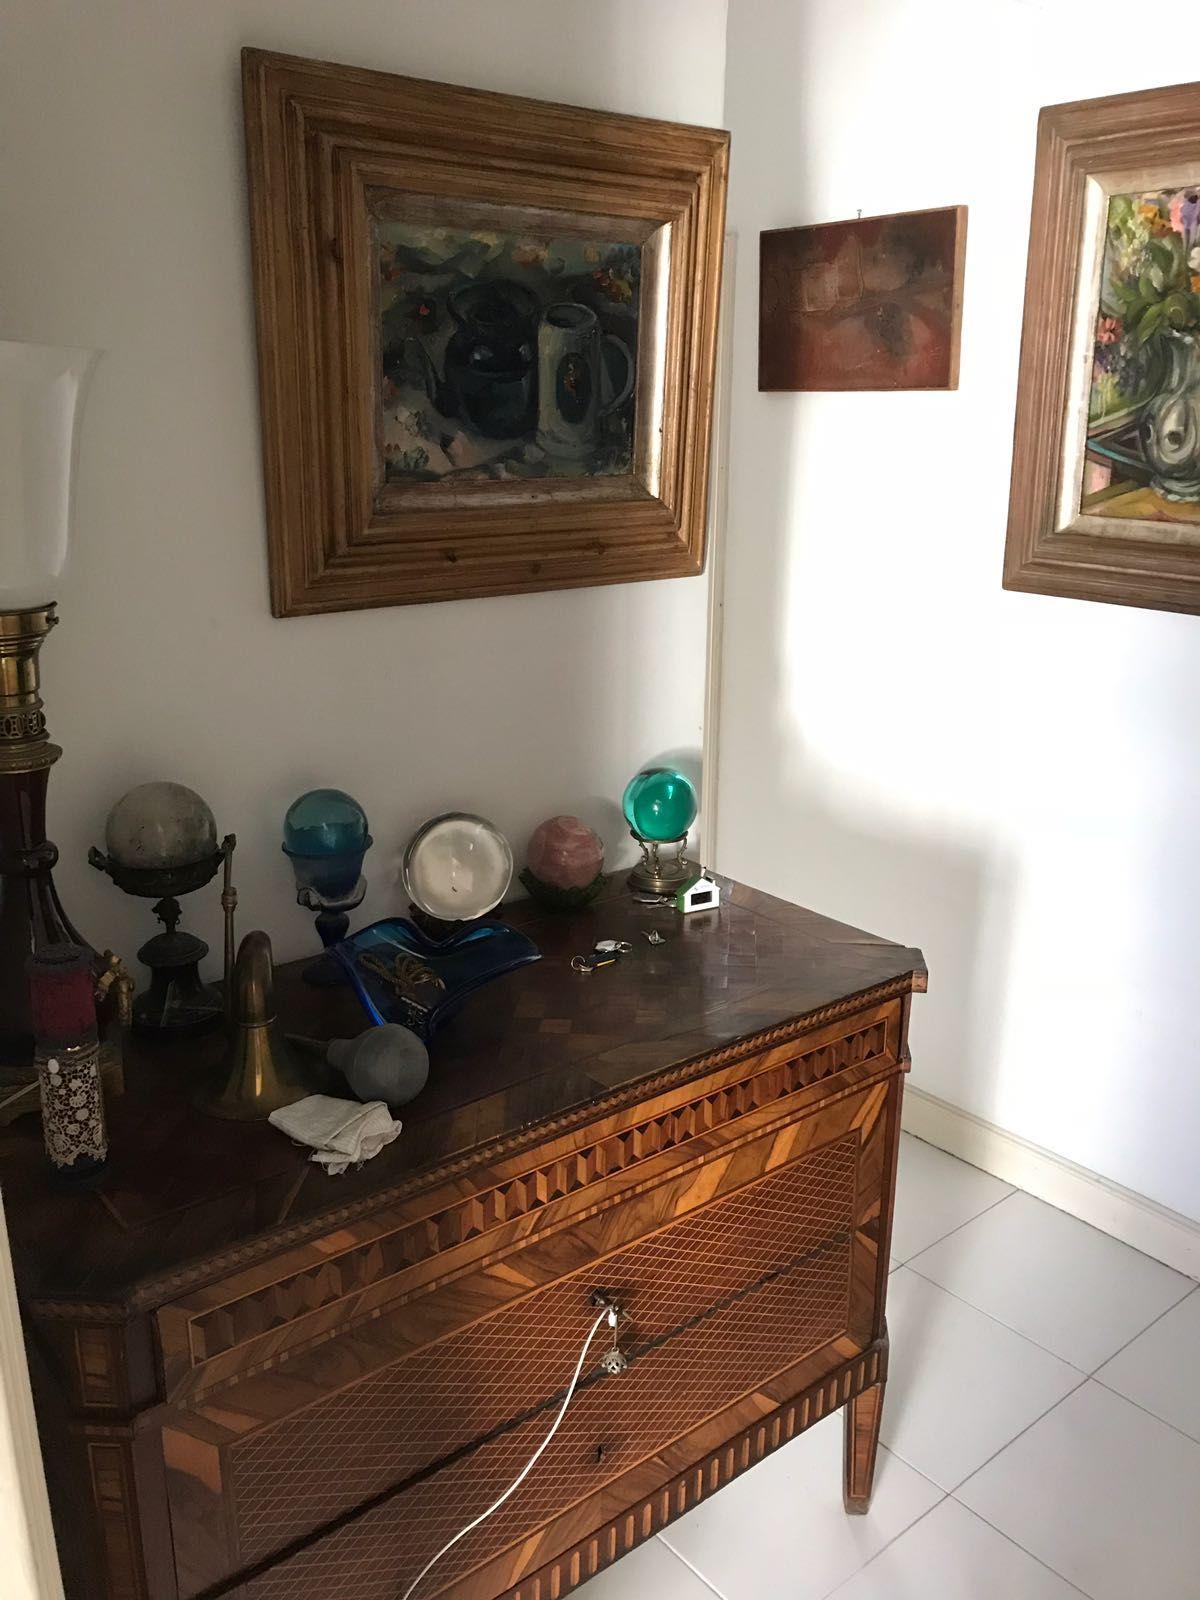 Foto 15 de Galerías de arte y salas de exposiciones en Cartagena | Arte & Antigüedades Federico Robles Perez